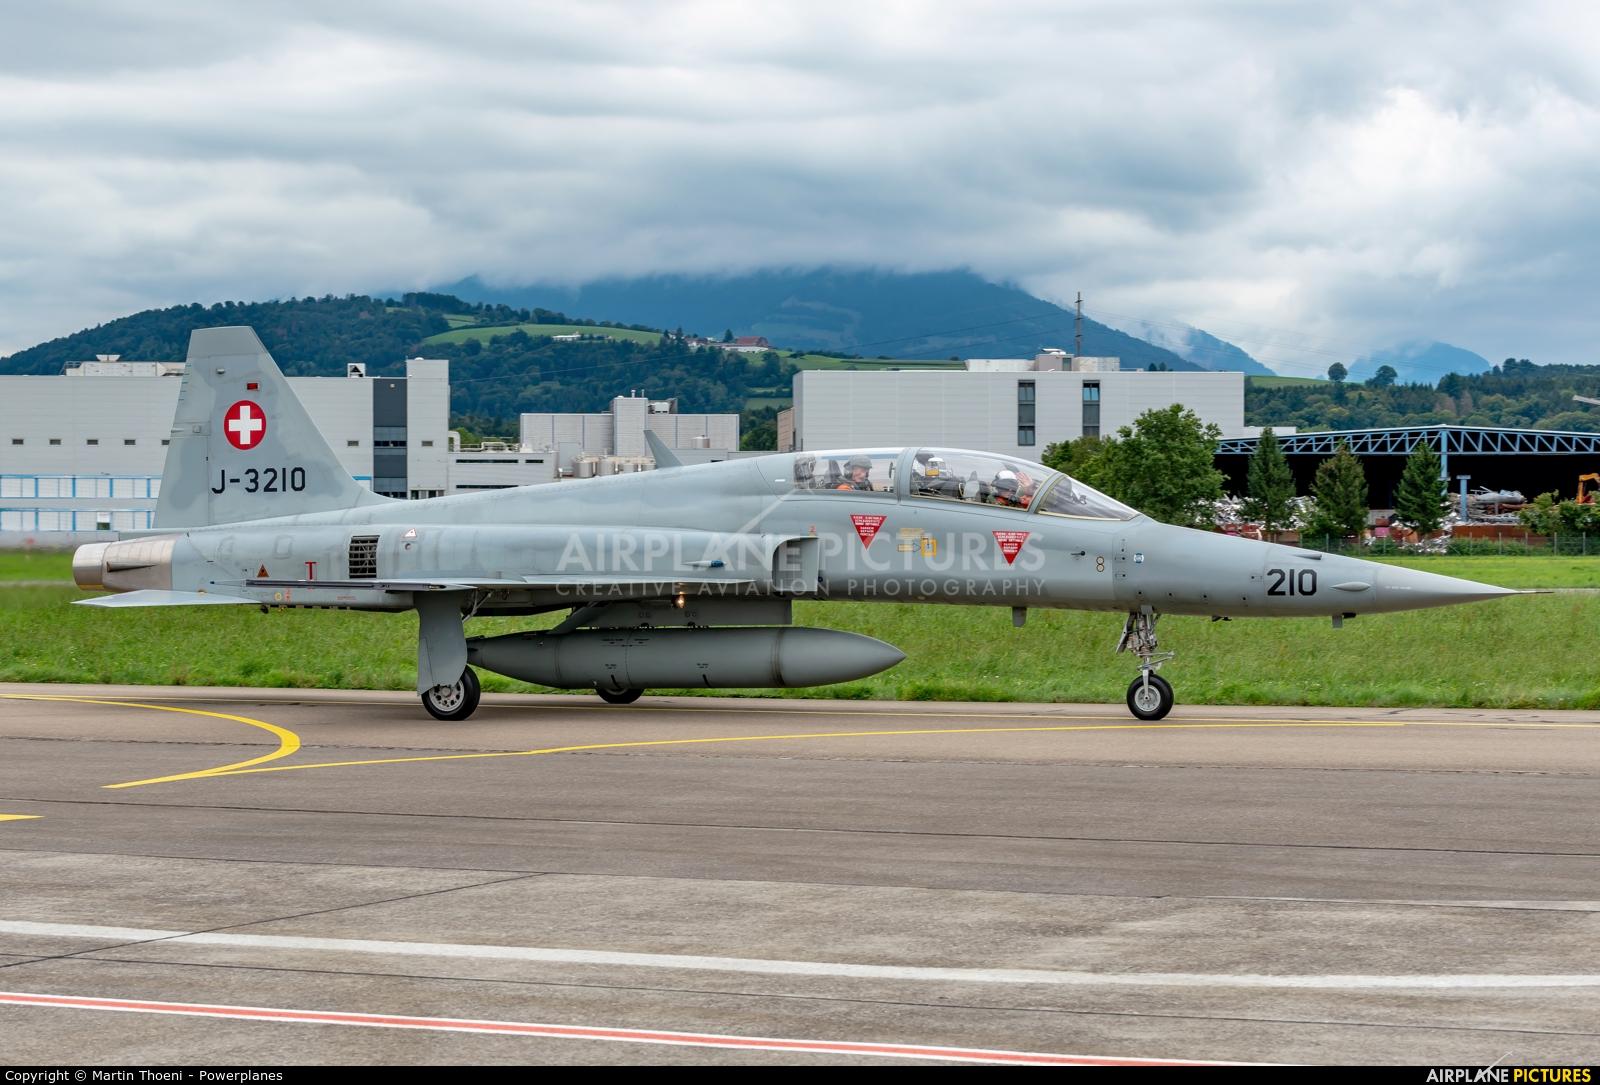 Switzerland - Air Force J-3210 aircraft at Emmen